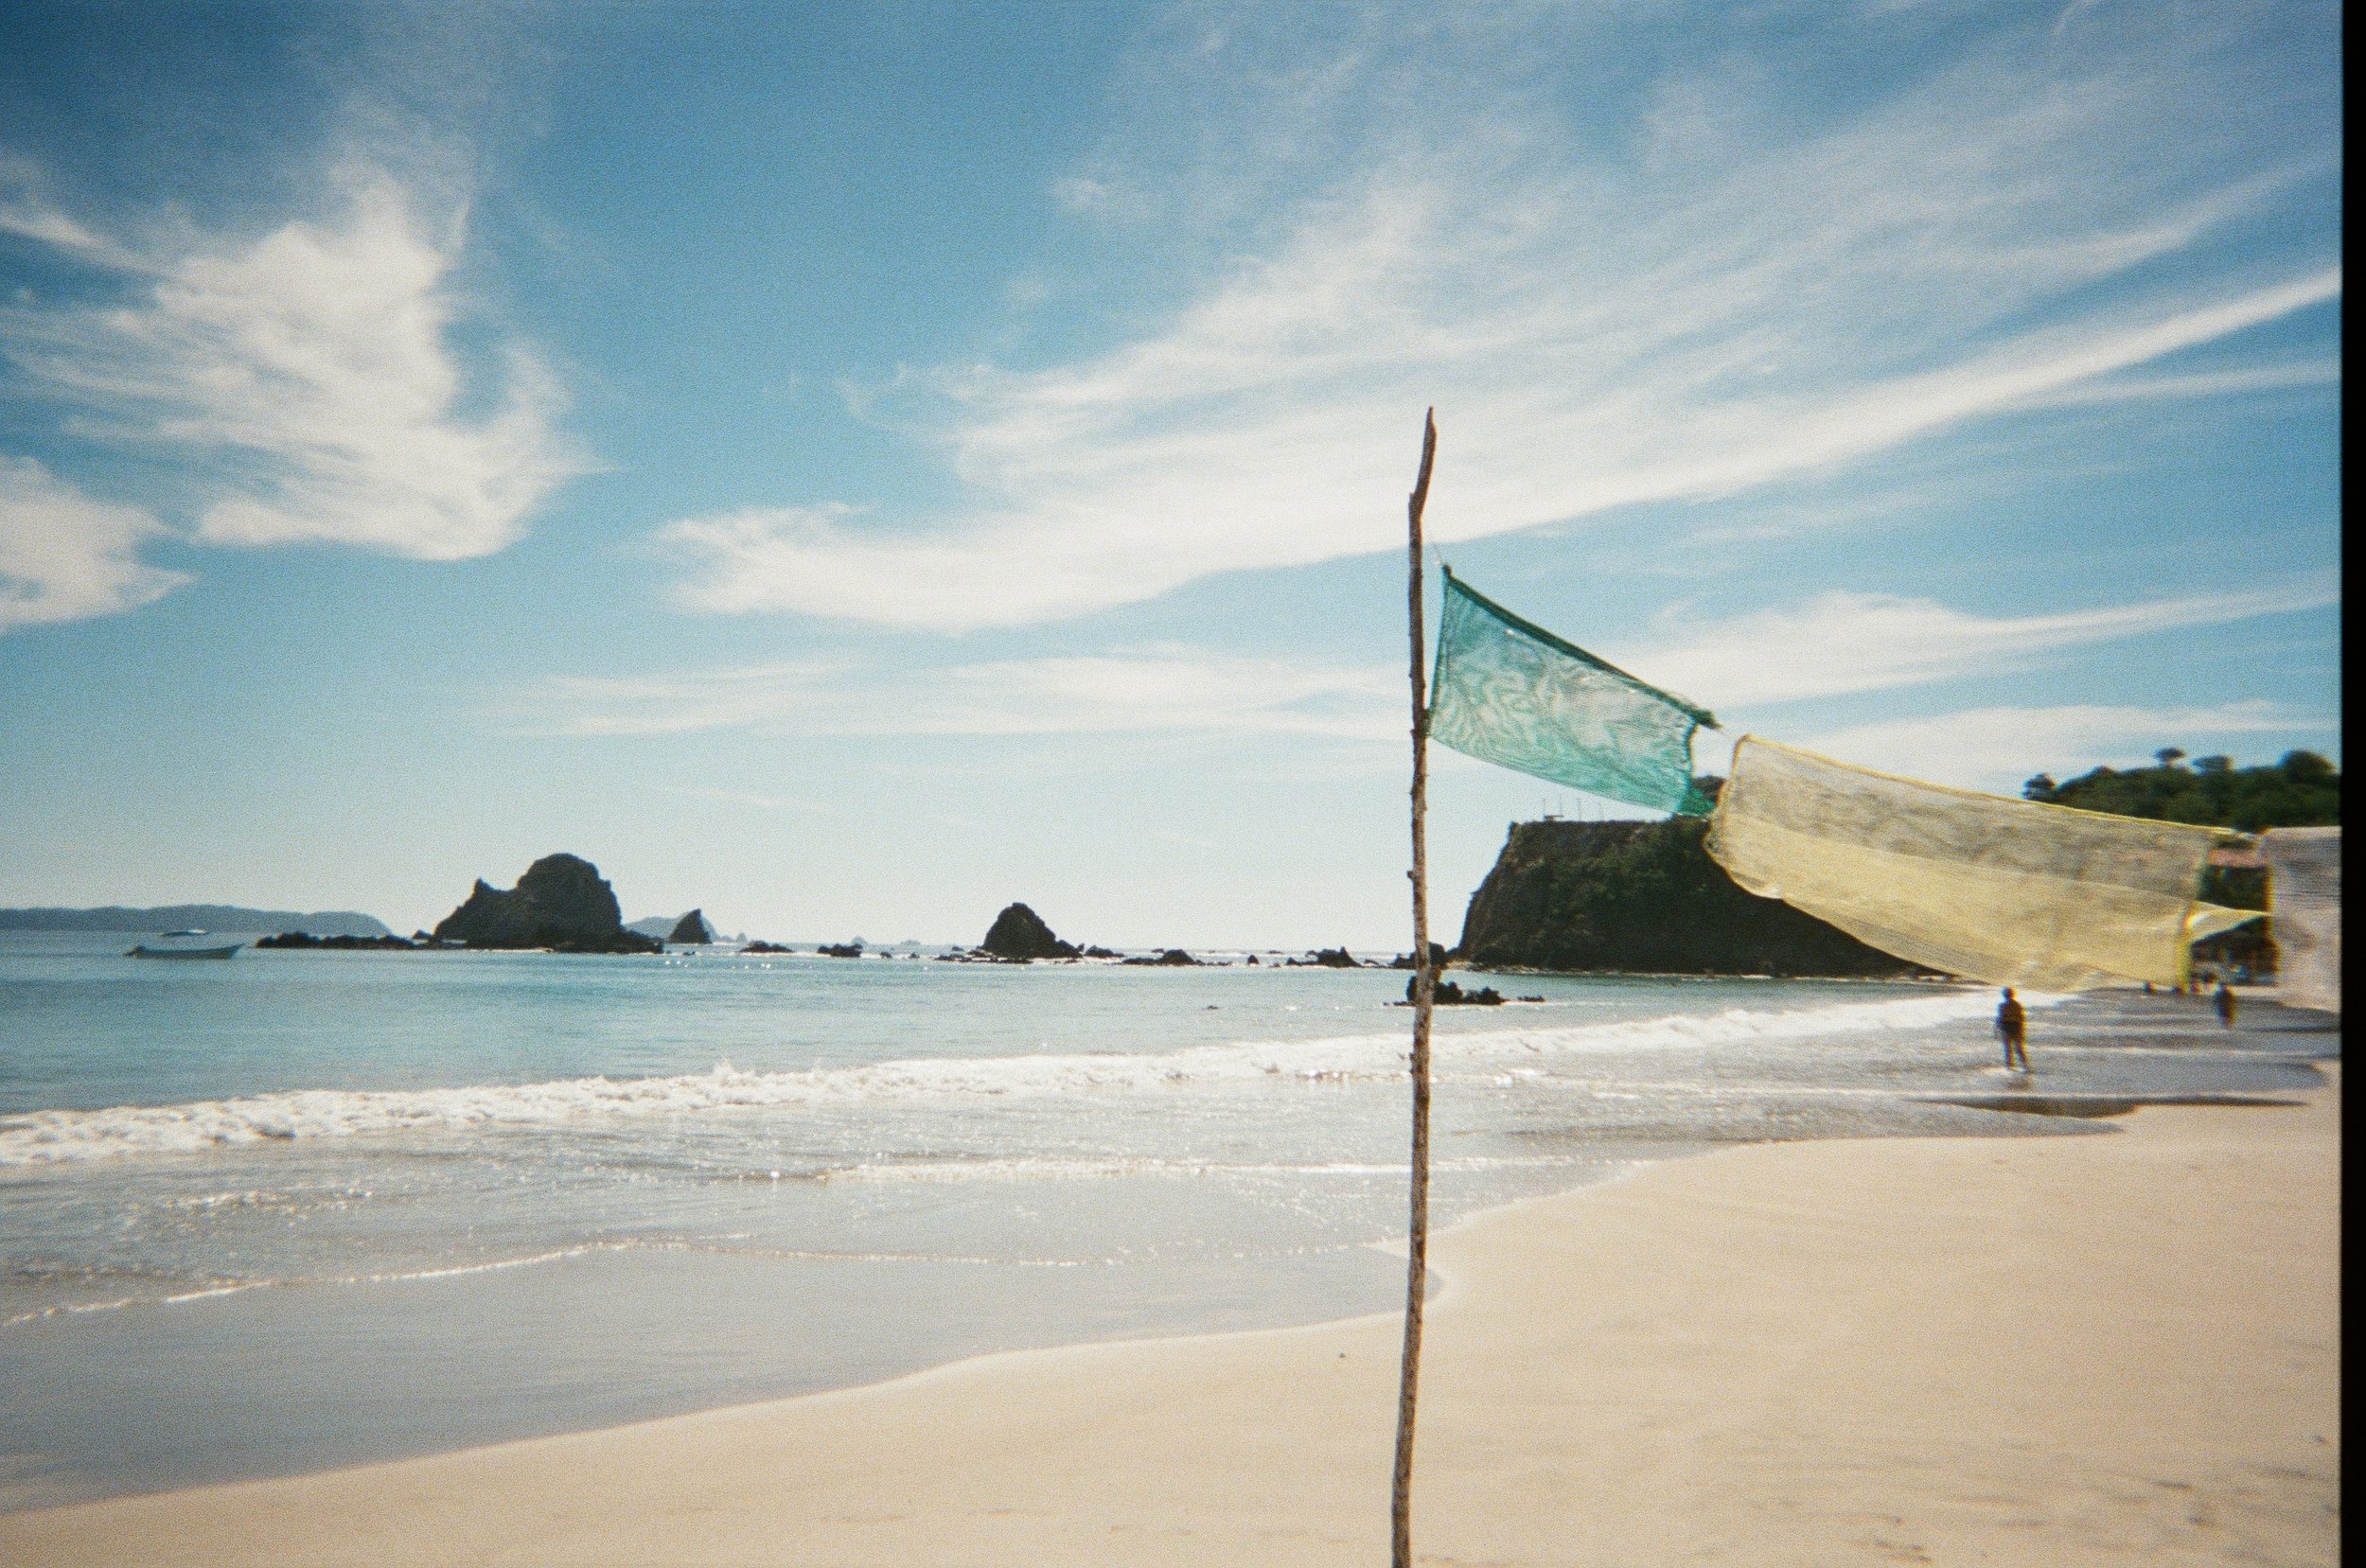 beach not printed.jpg